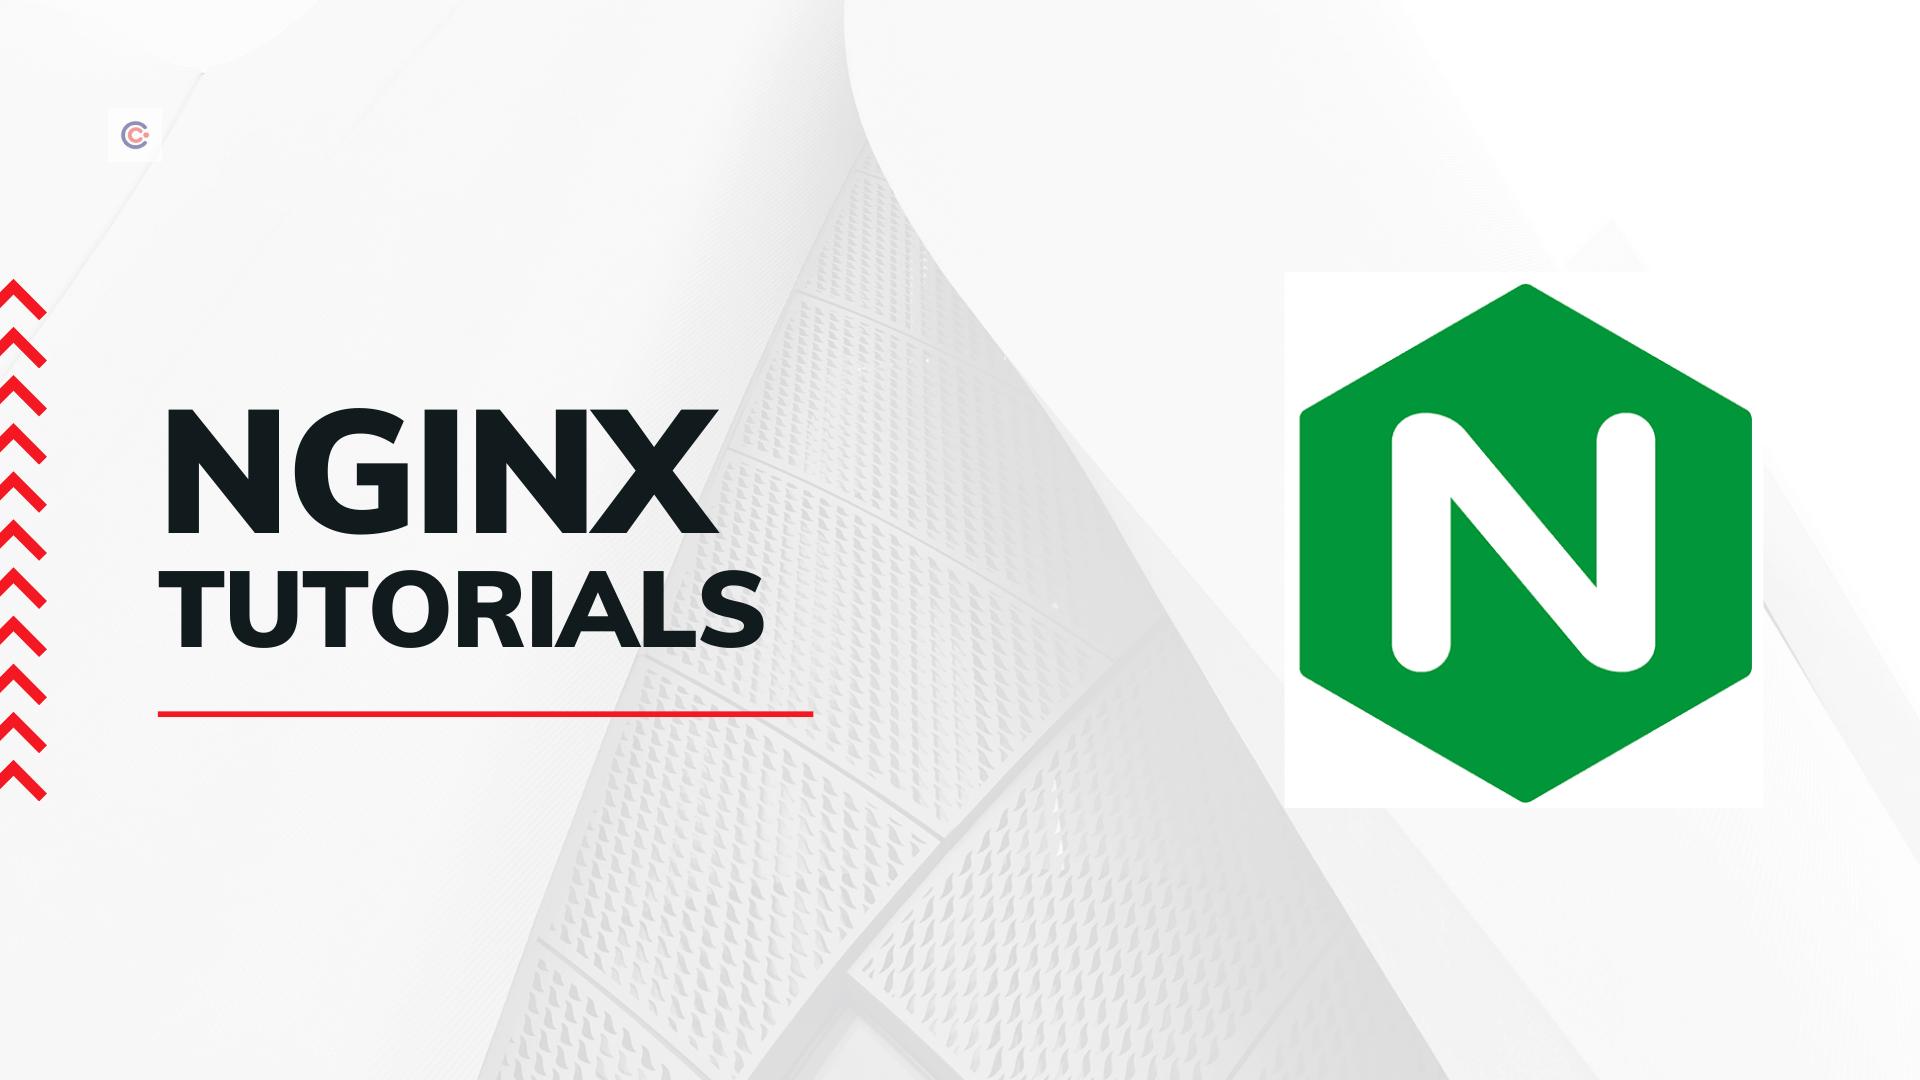 10 Best NGINX Tutorials - Take NGINX Certification Online